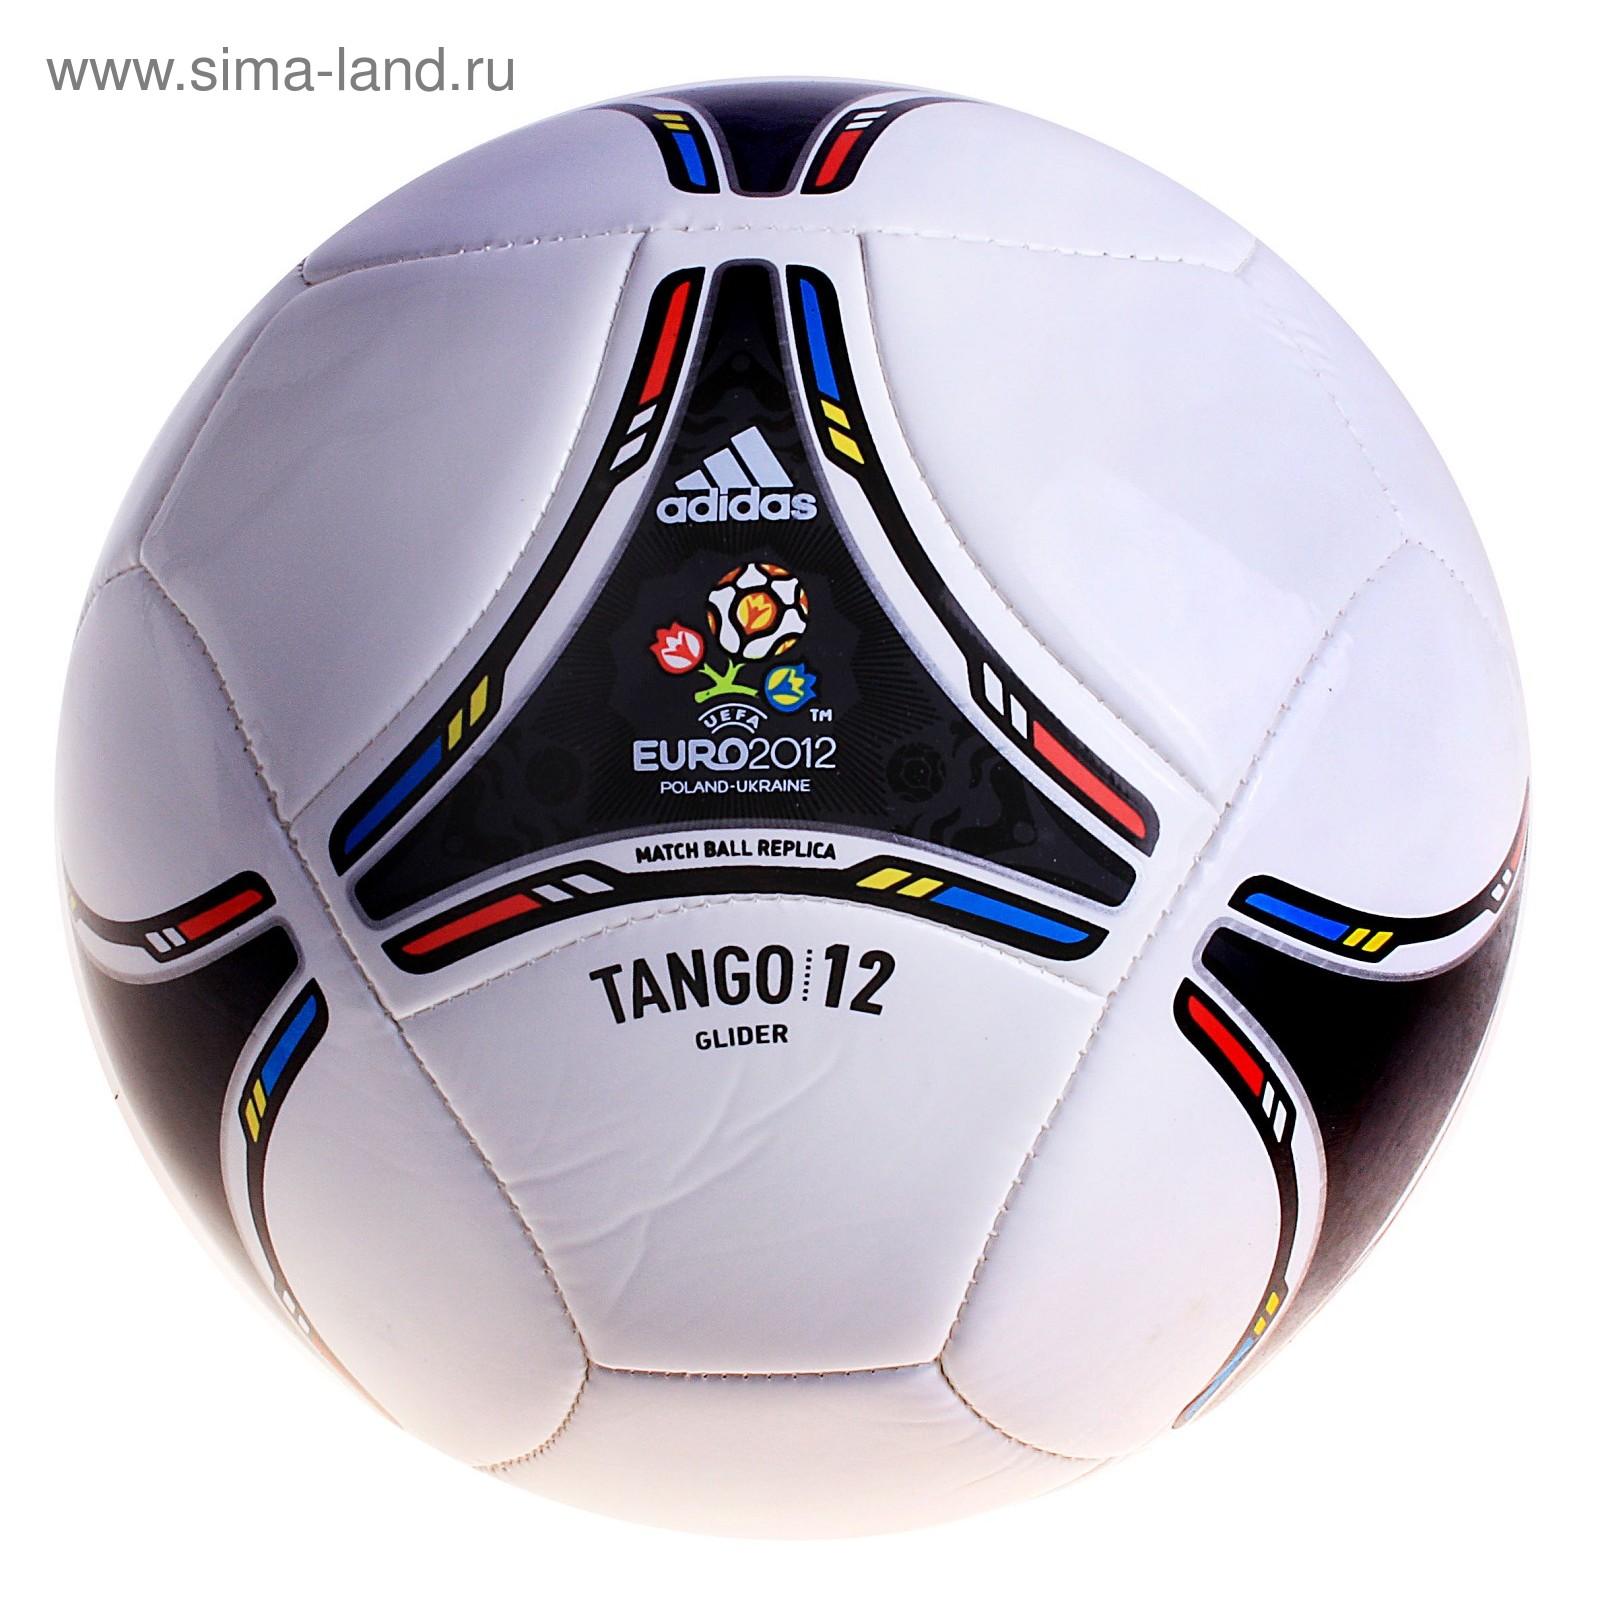 Мяч футбольный Adidas EURO 2012 Glider 0e2c45f7fc987